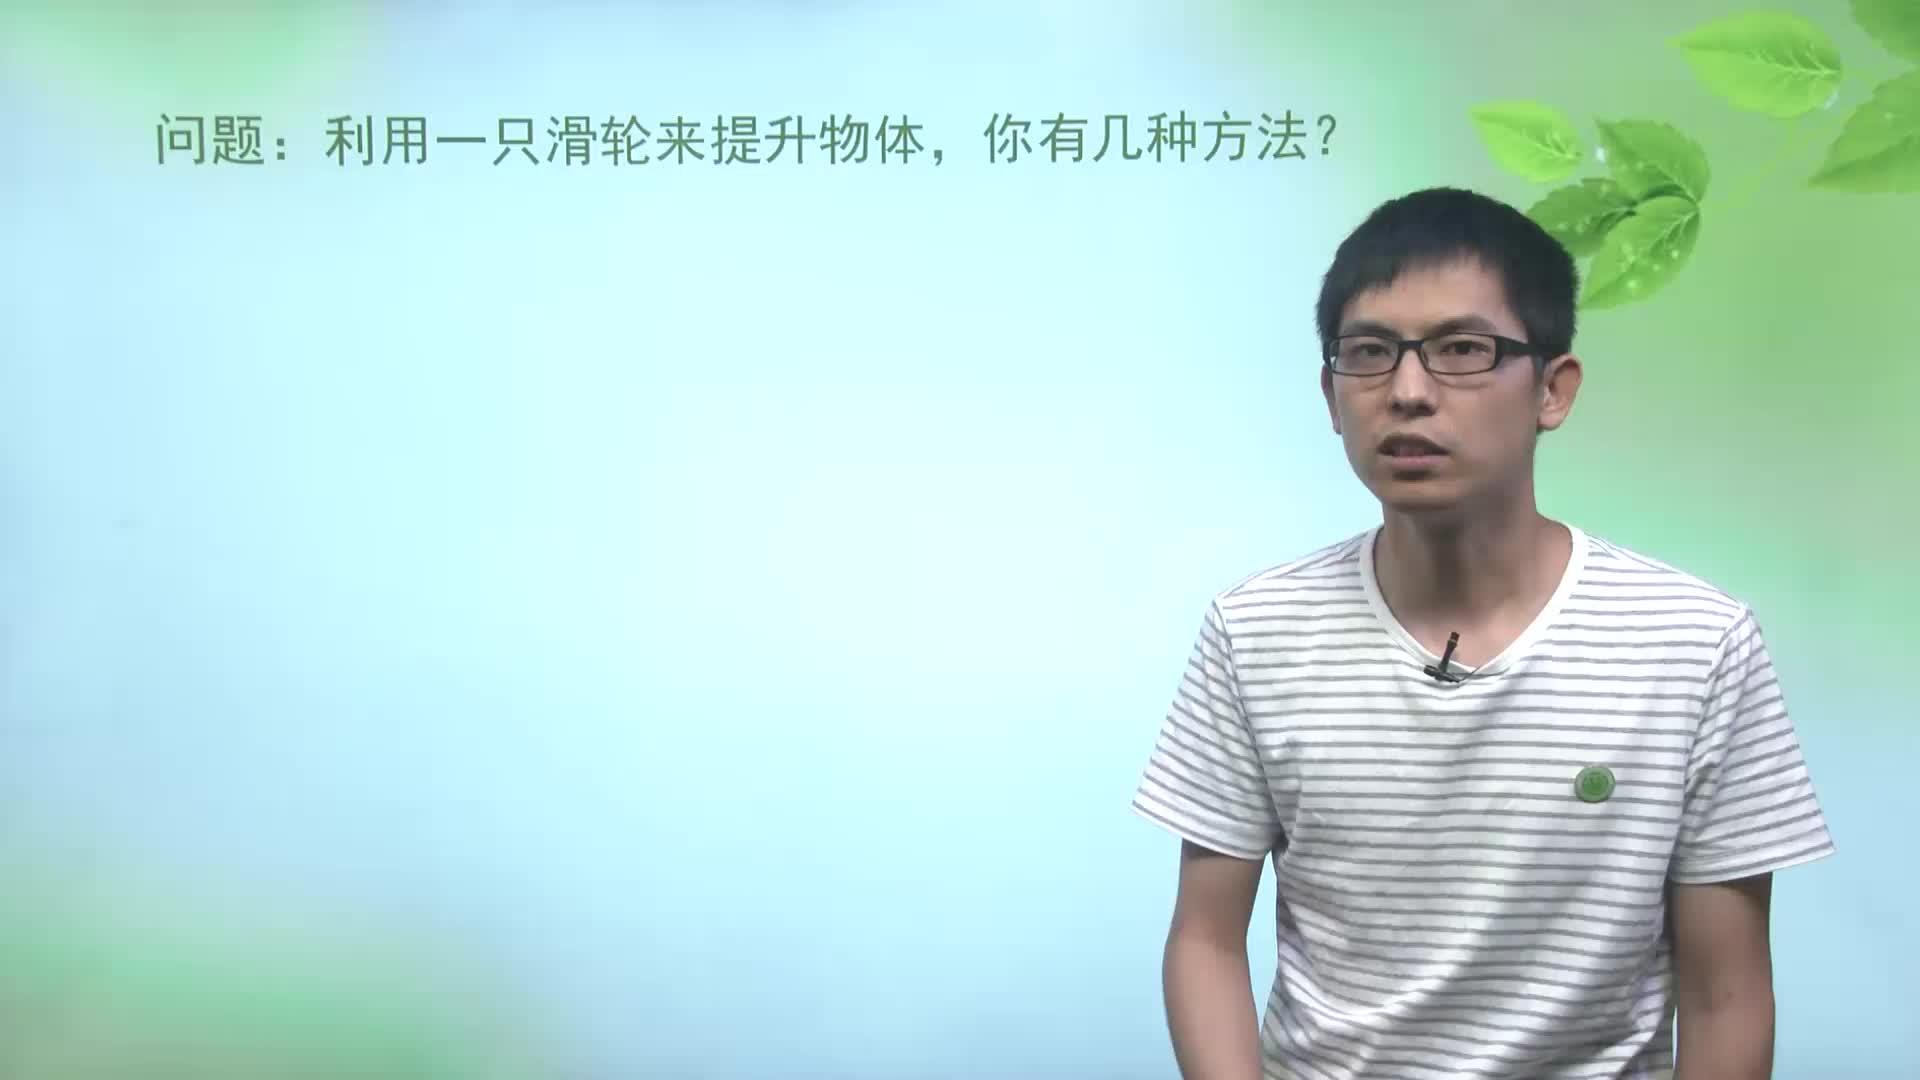 视频3.4.3滑轮和滑轮组-【慕联】初中完全同步系列浙教版科学九年级上册